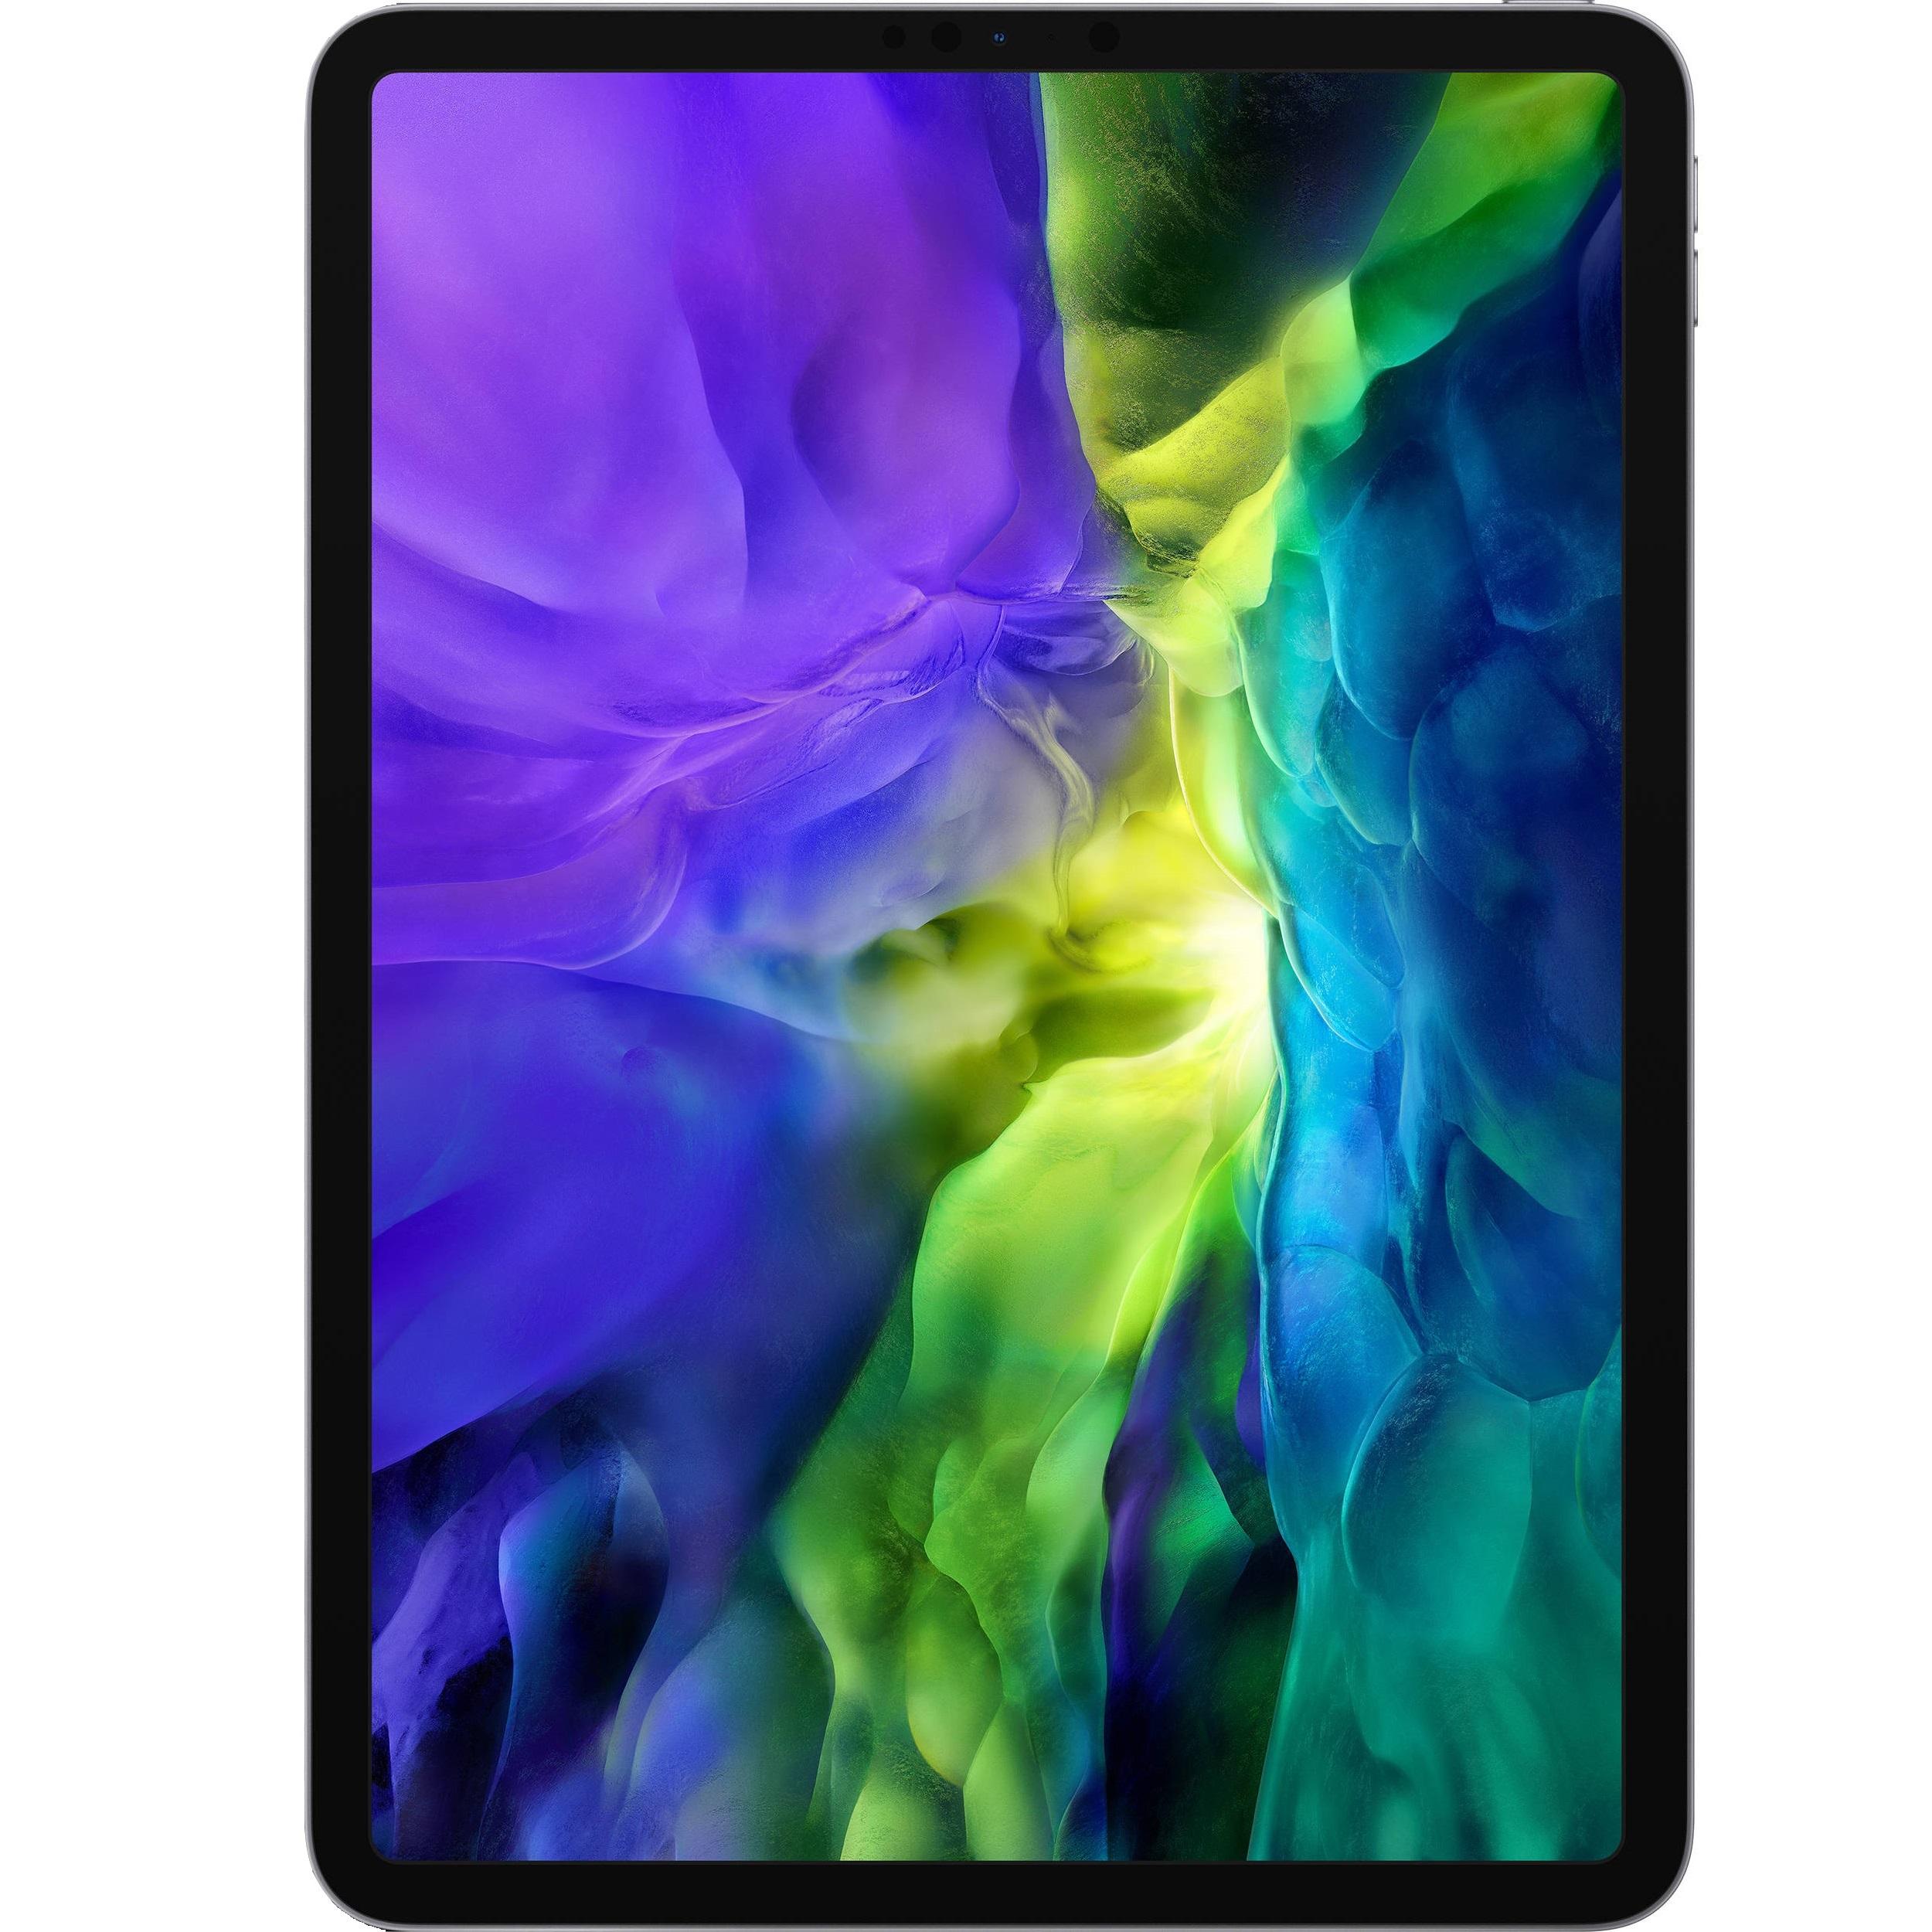 خرید ارزان تبلت اپل مدل iPad Pro 11 inch 2020 4G ظرفیت 128 گیگابایت